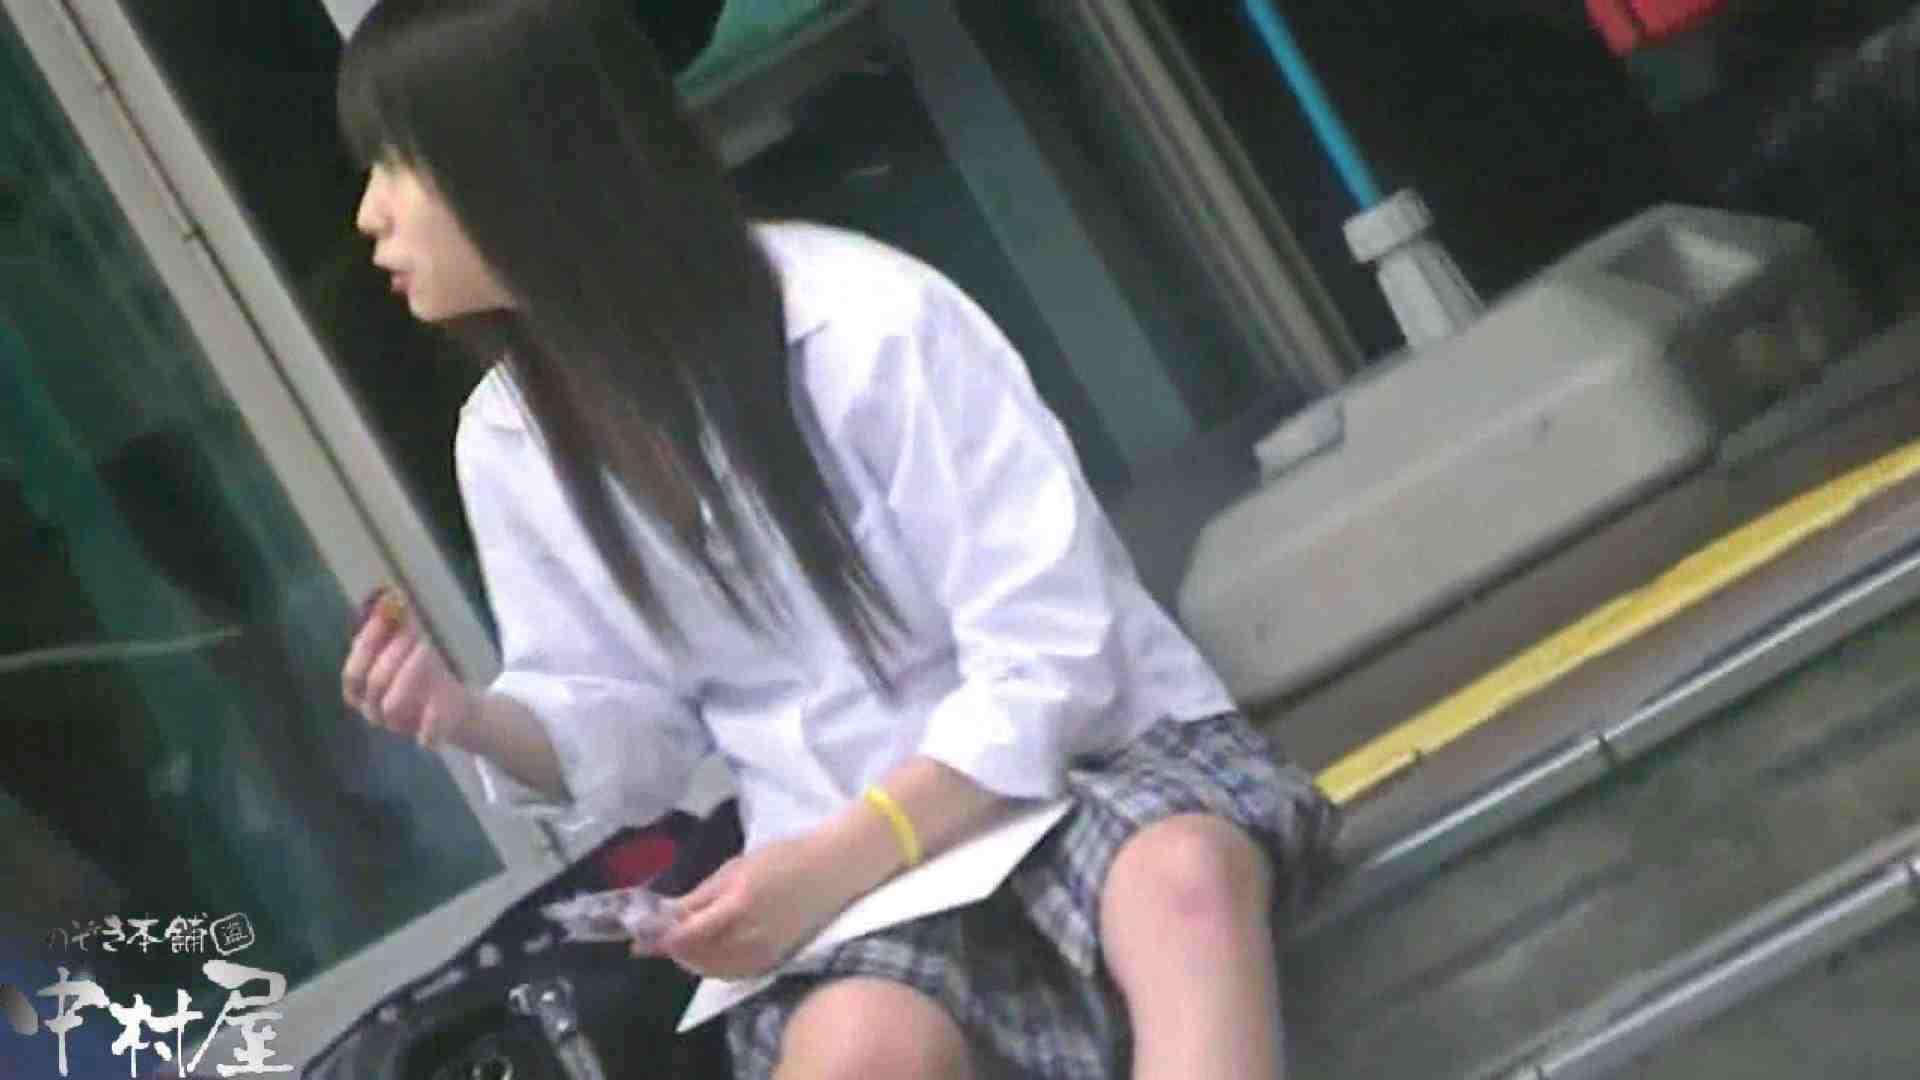 ドキドキ❤新入生パンチラ歓迎会vol.16 乙女のエロ動画 ワレメ無修正動画無料 95PIX 23